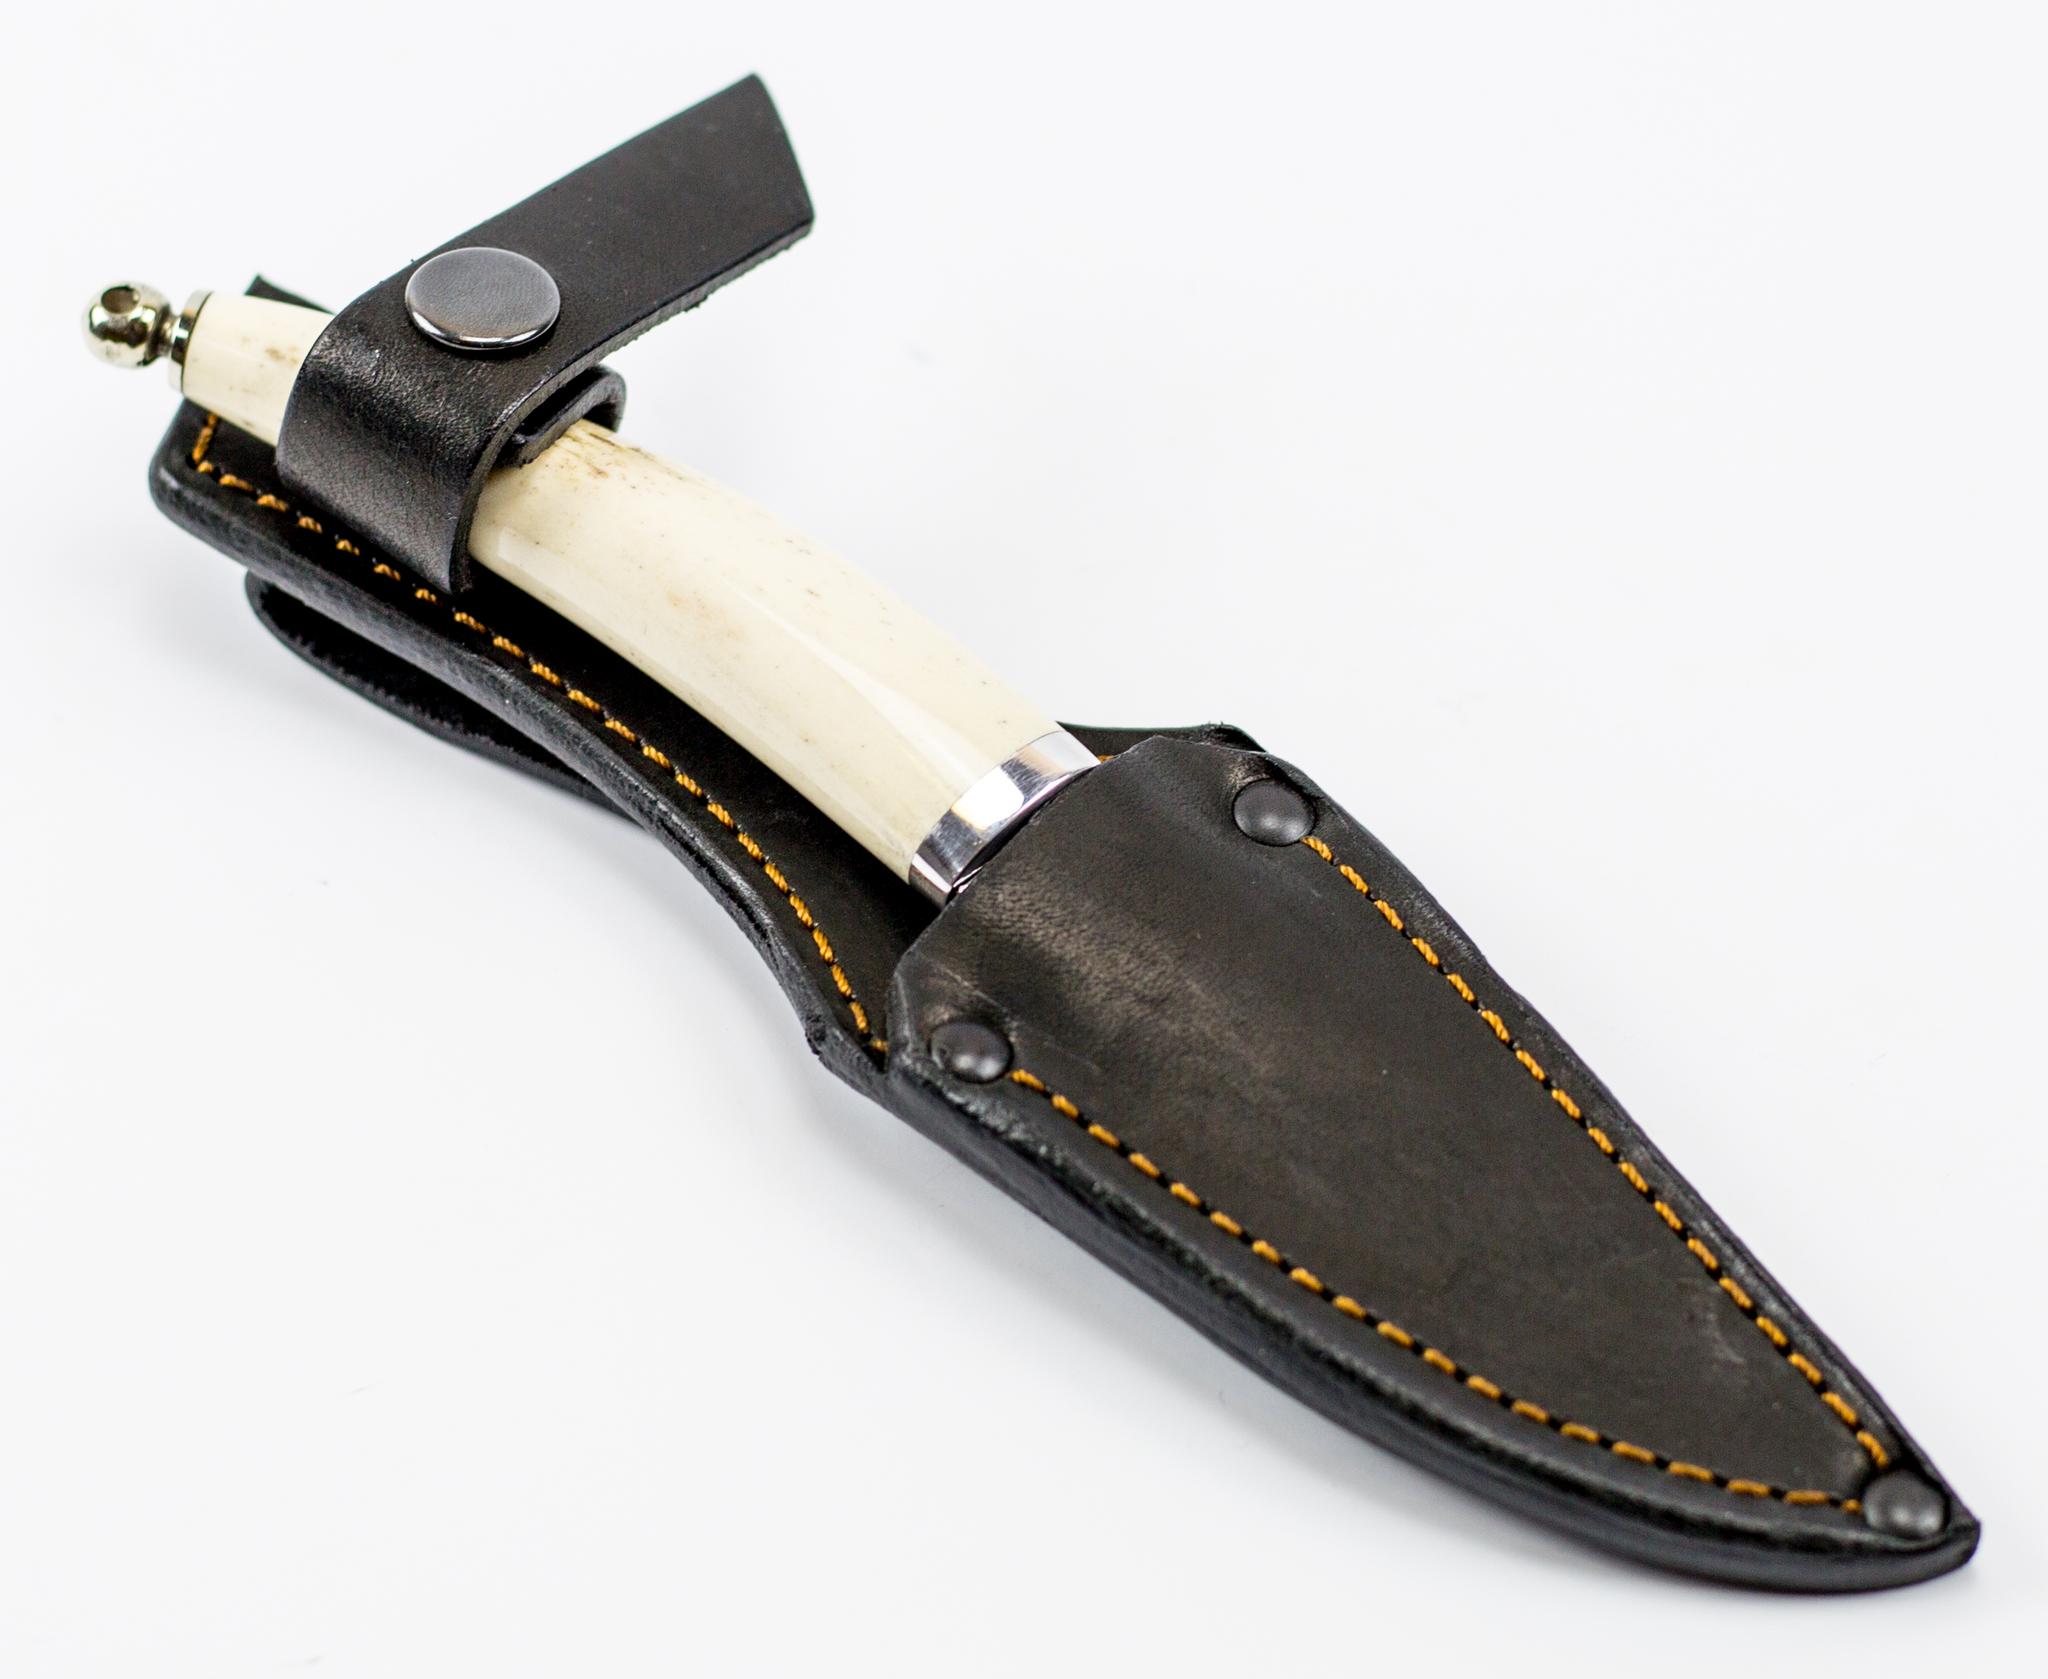 Фото 10 - Нож Рысь малютка, сталь Х12МФ, рог лося от Ножи Фурсач